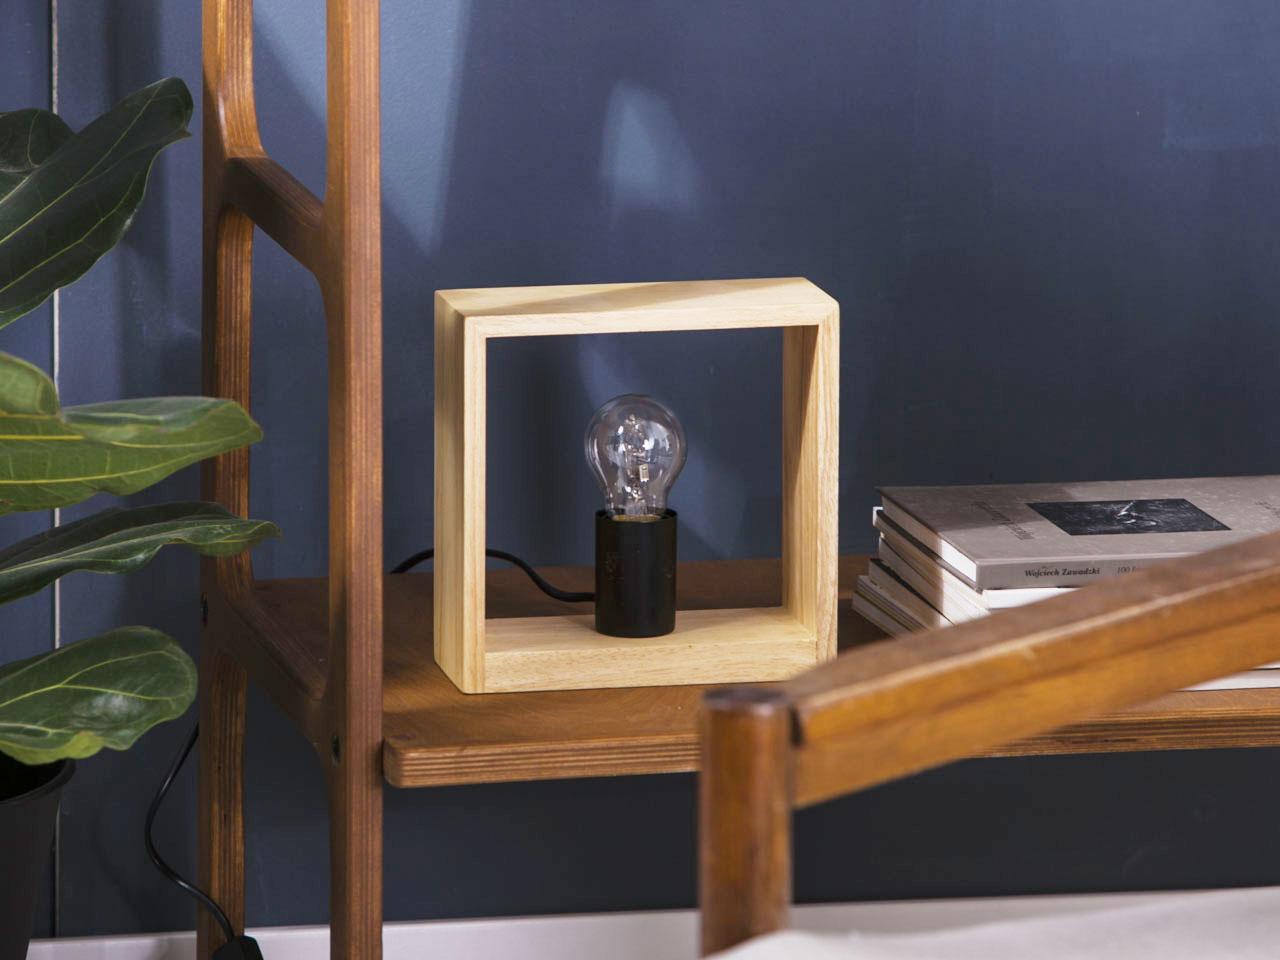 Lampa stołowa drewniana Altom Design Industrial 20x8x20 cm